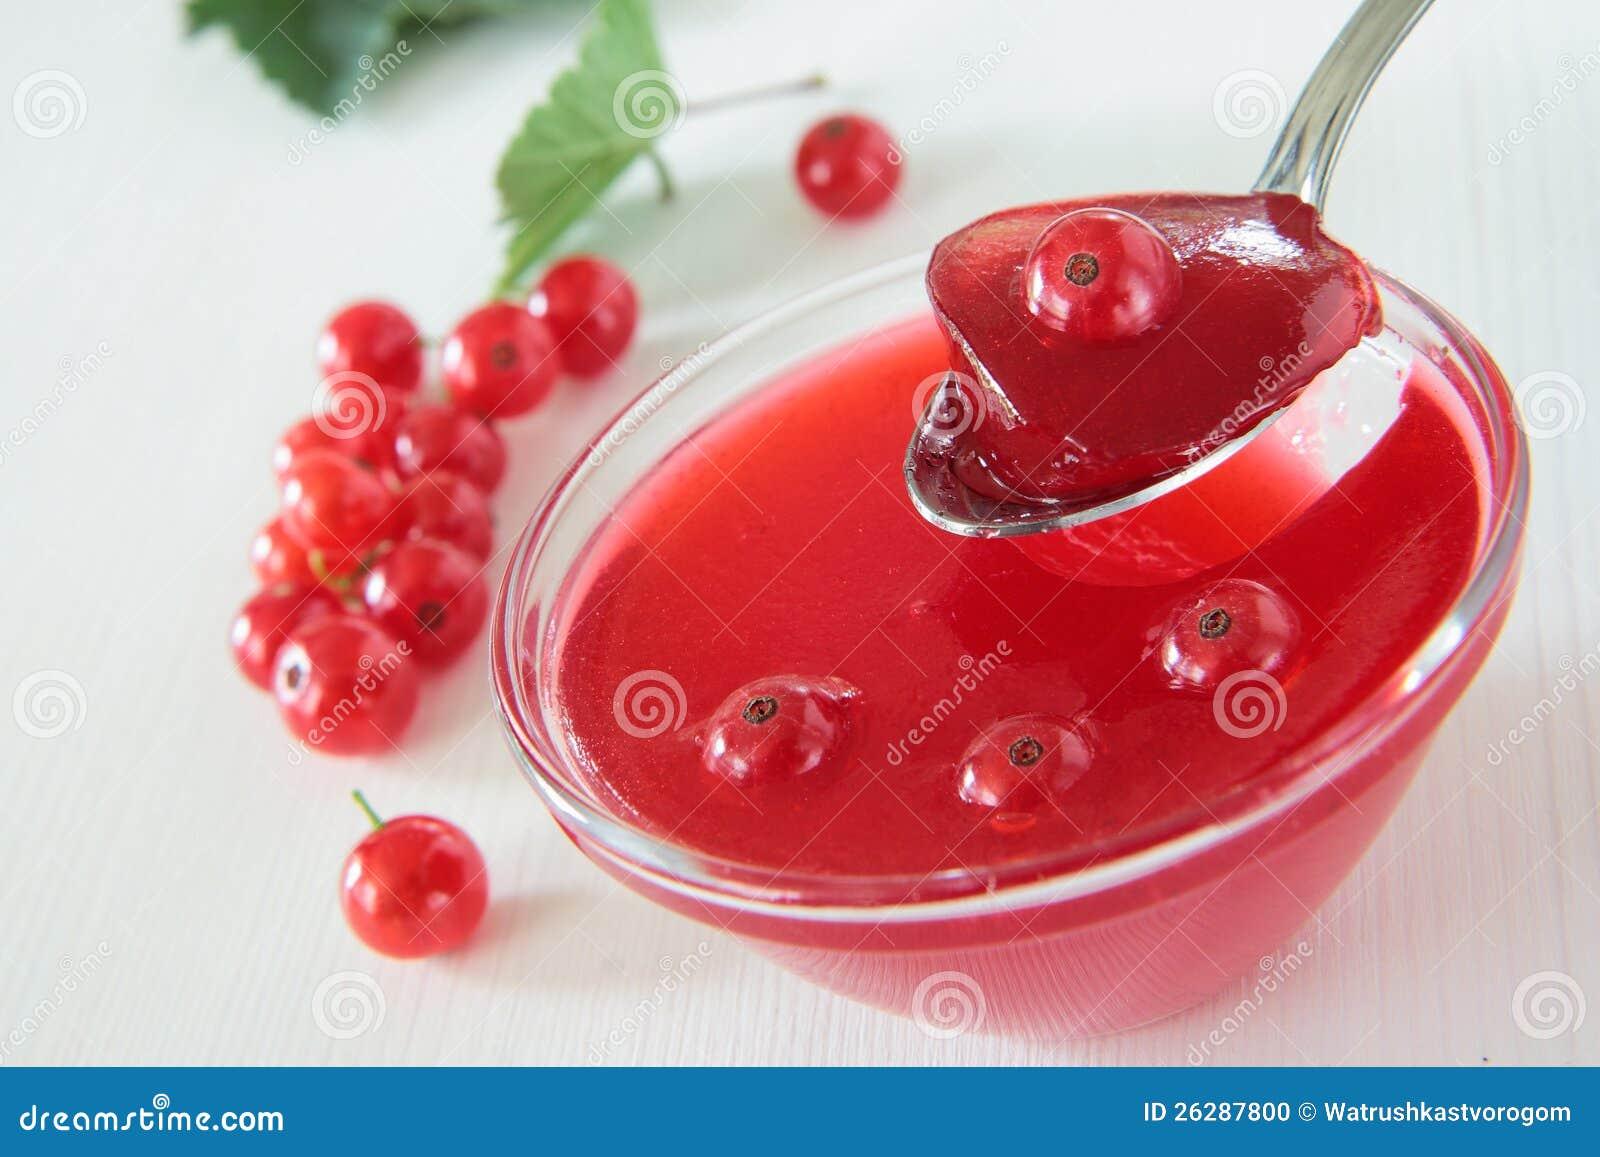 Rote Johannisbeergelee Mit Beeren Stockfoto Bild Von Niemand